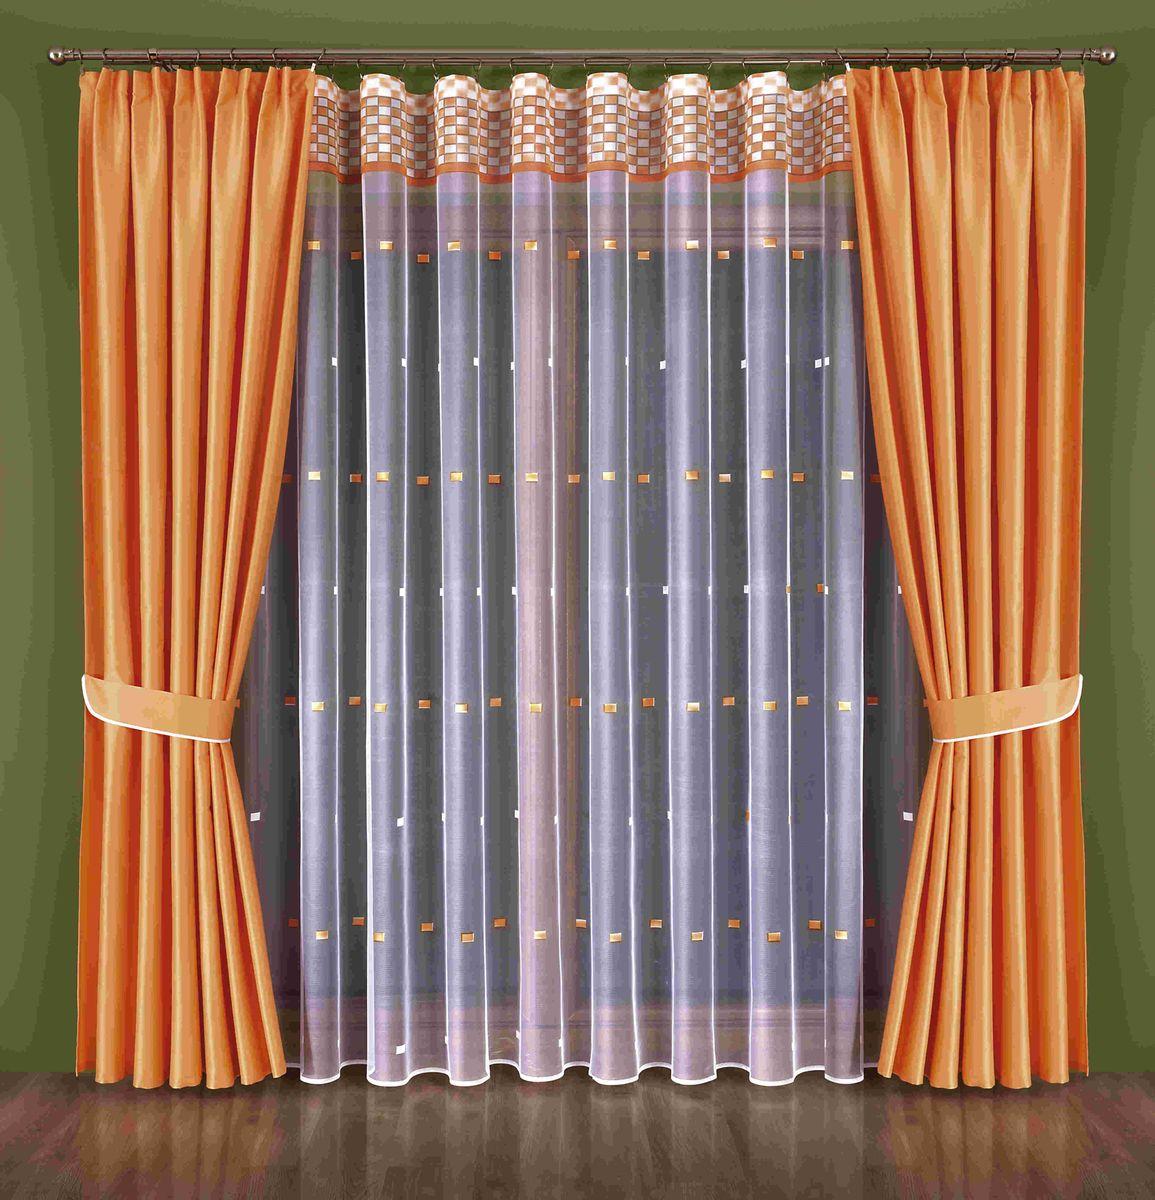 Комплект штор Wisan Kenza, на ленте, цвет: оранжевый, белый, высота 250 см184WКомплект штор Wisan Kenza выполненный из полиэстера, великолепно украсит любое окно. В комплект входят 2 шторы, тюль и 2 подхвата. Оригинальный узор придает комплекту особый стиль и шарм. Тонкое жаккардовое плетение, нежная цветовая гамма и роскошное исполнение - все это делает шторы Wisan Kenza замечательным дополнением интерьера помещения.Комплект оснащен шторной лентой для красивой сборки. В комплект входит: Штора - 2 шт. Размер (ШхВ): 180 см х 250 см. Тюль - 1 шт. Размер (ШхВ): 600 см х 250 см. Подхват - 2 шт. Фирма Wisan на польском рынке существует уже более пятидесяти лет и является одной из лучших польских фабрик по производству штор и тканей. Ассортимент фирмы представлен готовыми комплектами штор для гостиной, детской, кухни, а также текстилем для кухни (скатерти, салфетки, дорожки, кухонные занавески). Модельный ряд отличает оригинальный дизайн, высокое качество. Ассортимент продукции постоянно пополняется.